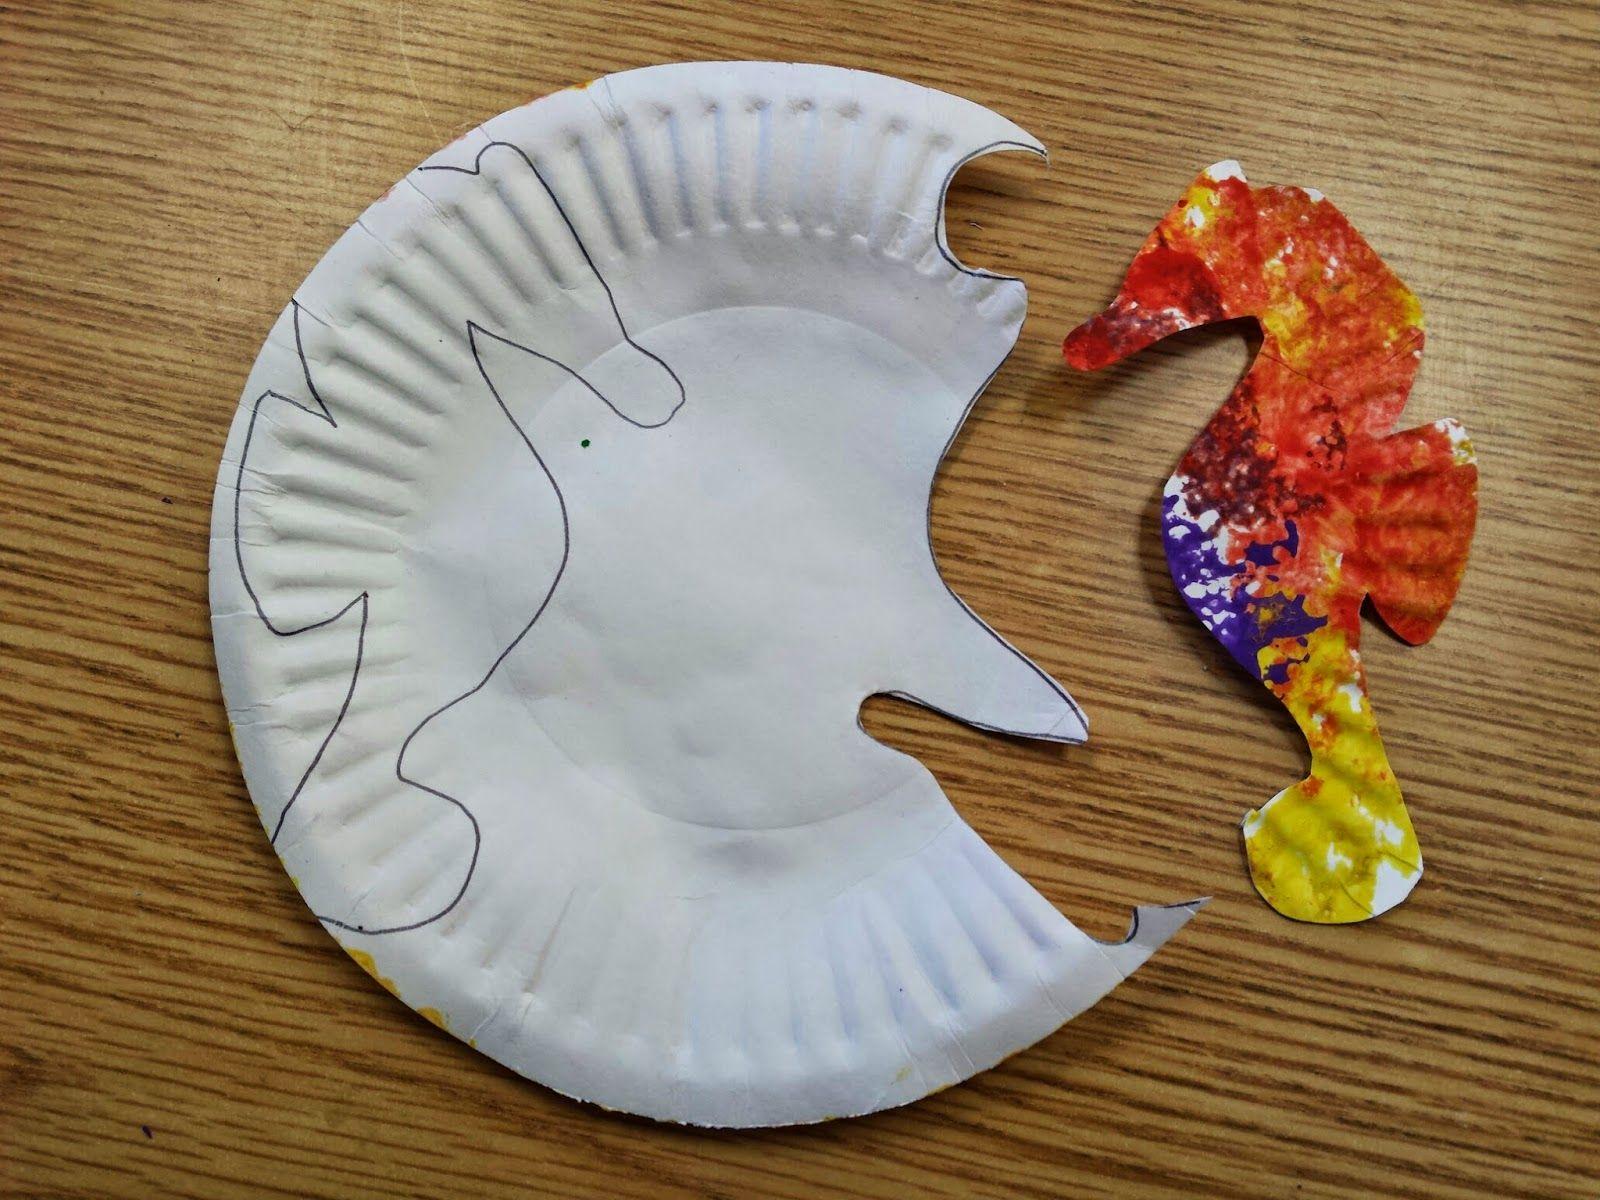 Pin By Becky Babcock On Preschool Ocean Week Seahorse Crafts Ocean Crafts Sea Crafts [ 1200 x 1600 Pixel ]